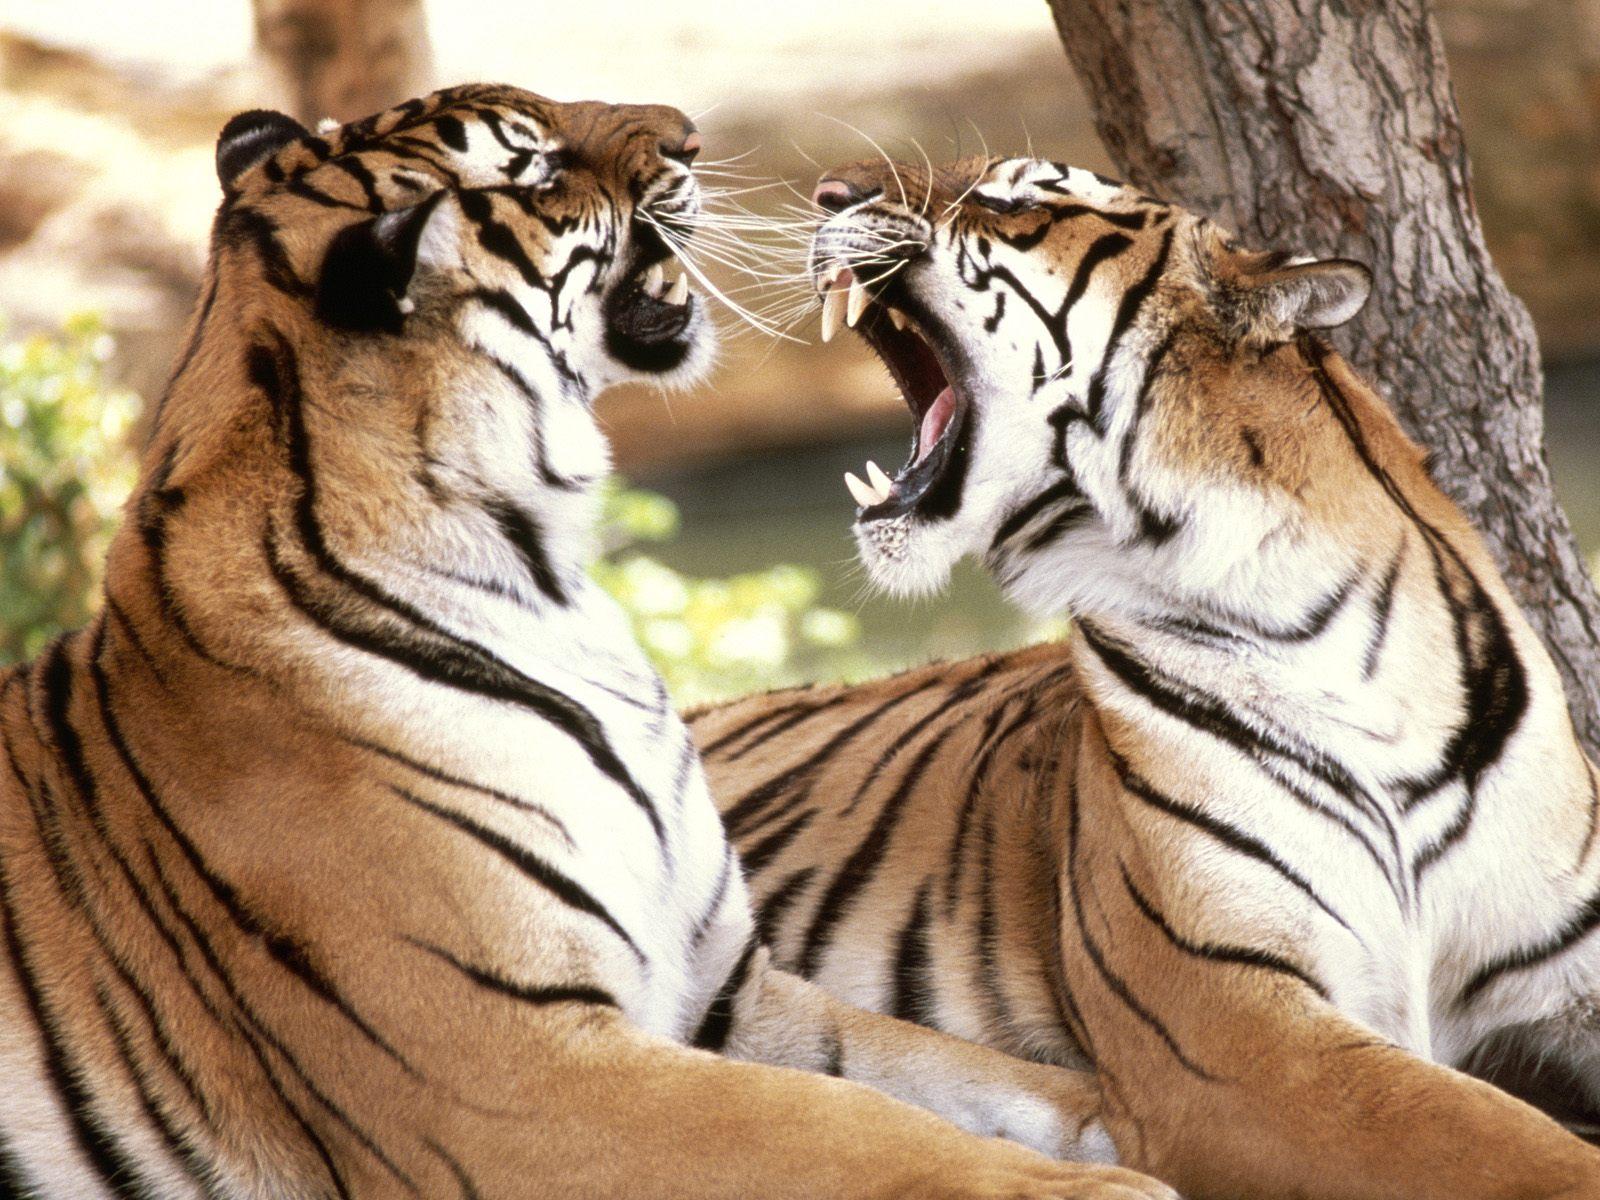 Imagenes De Animales Tiernos Con Movimiento